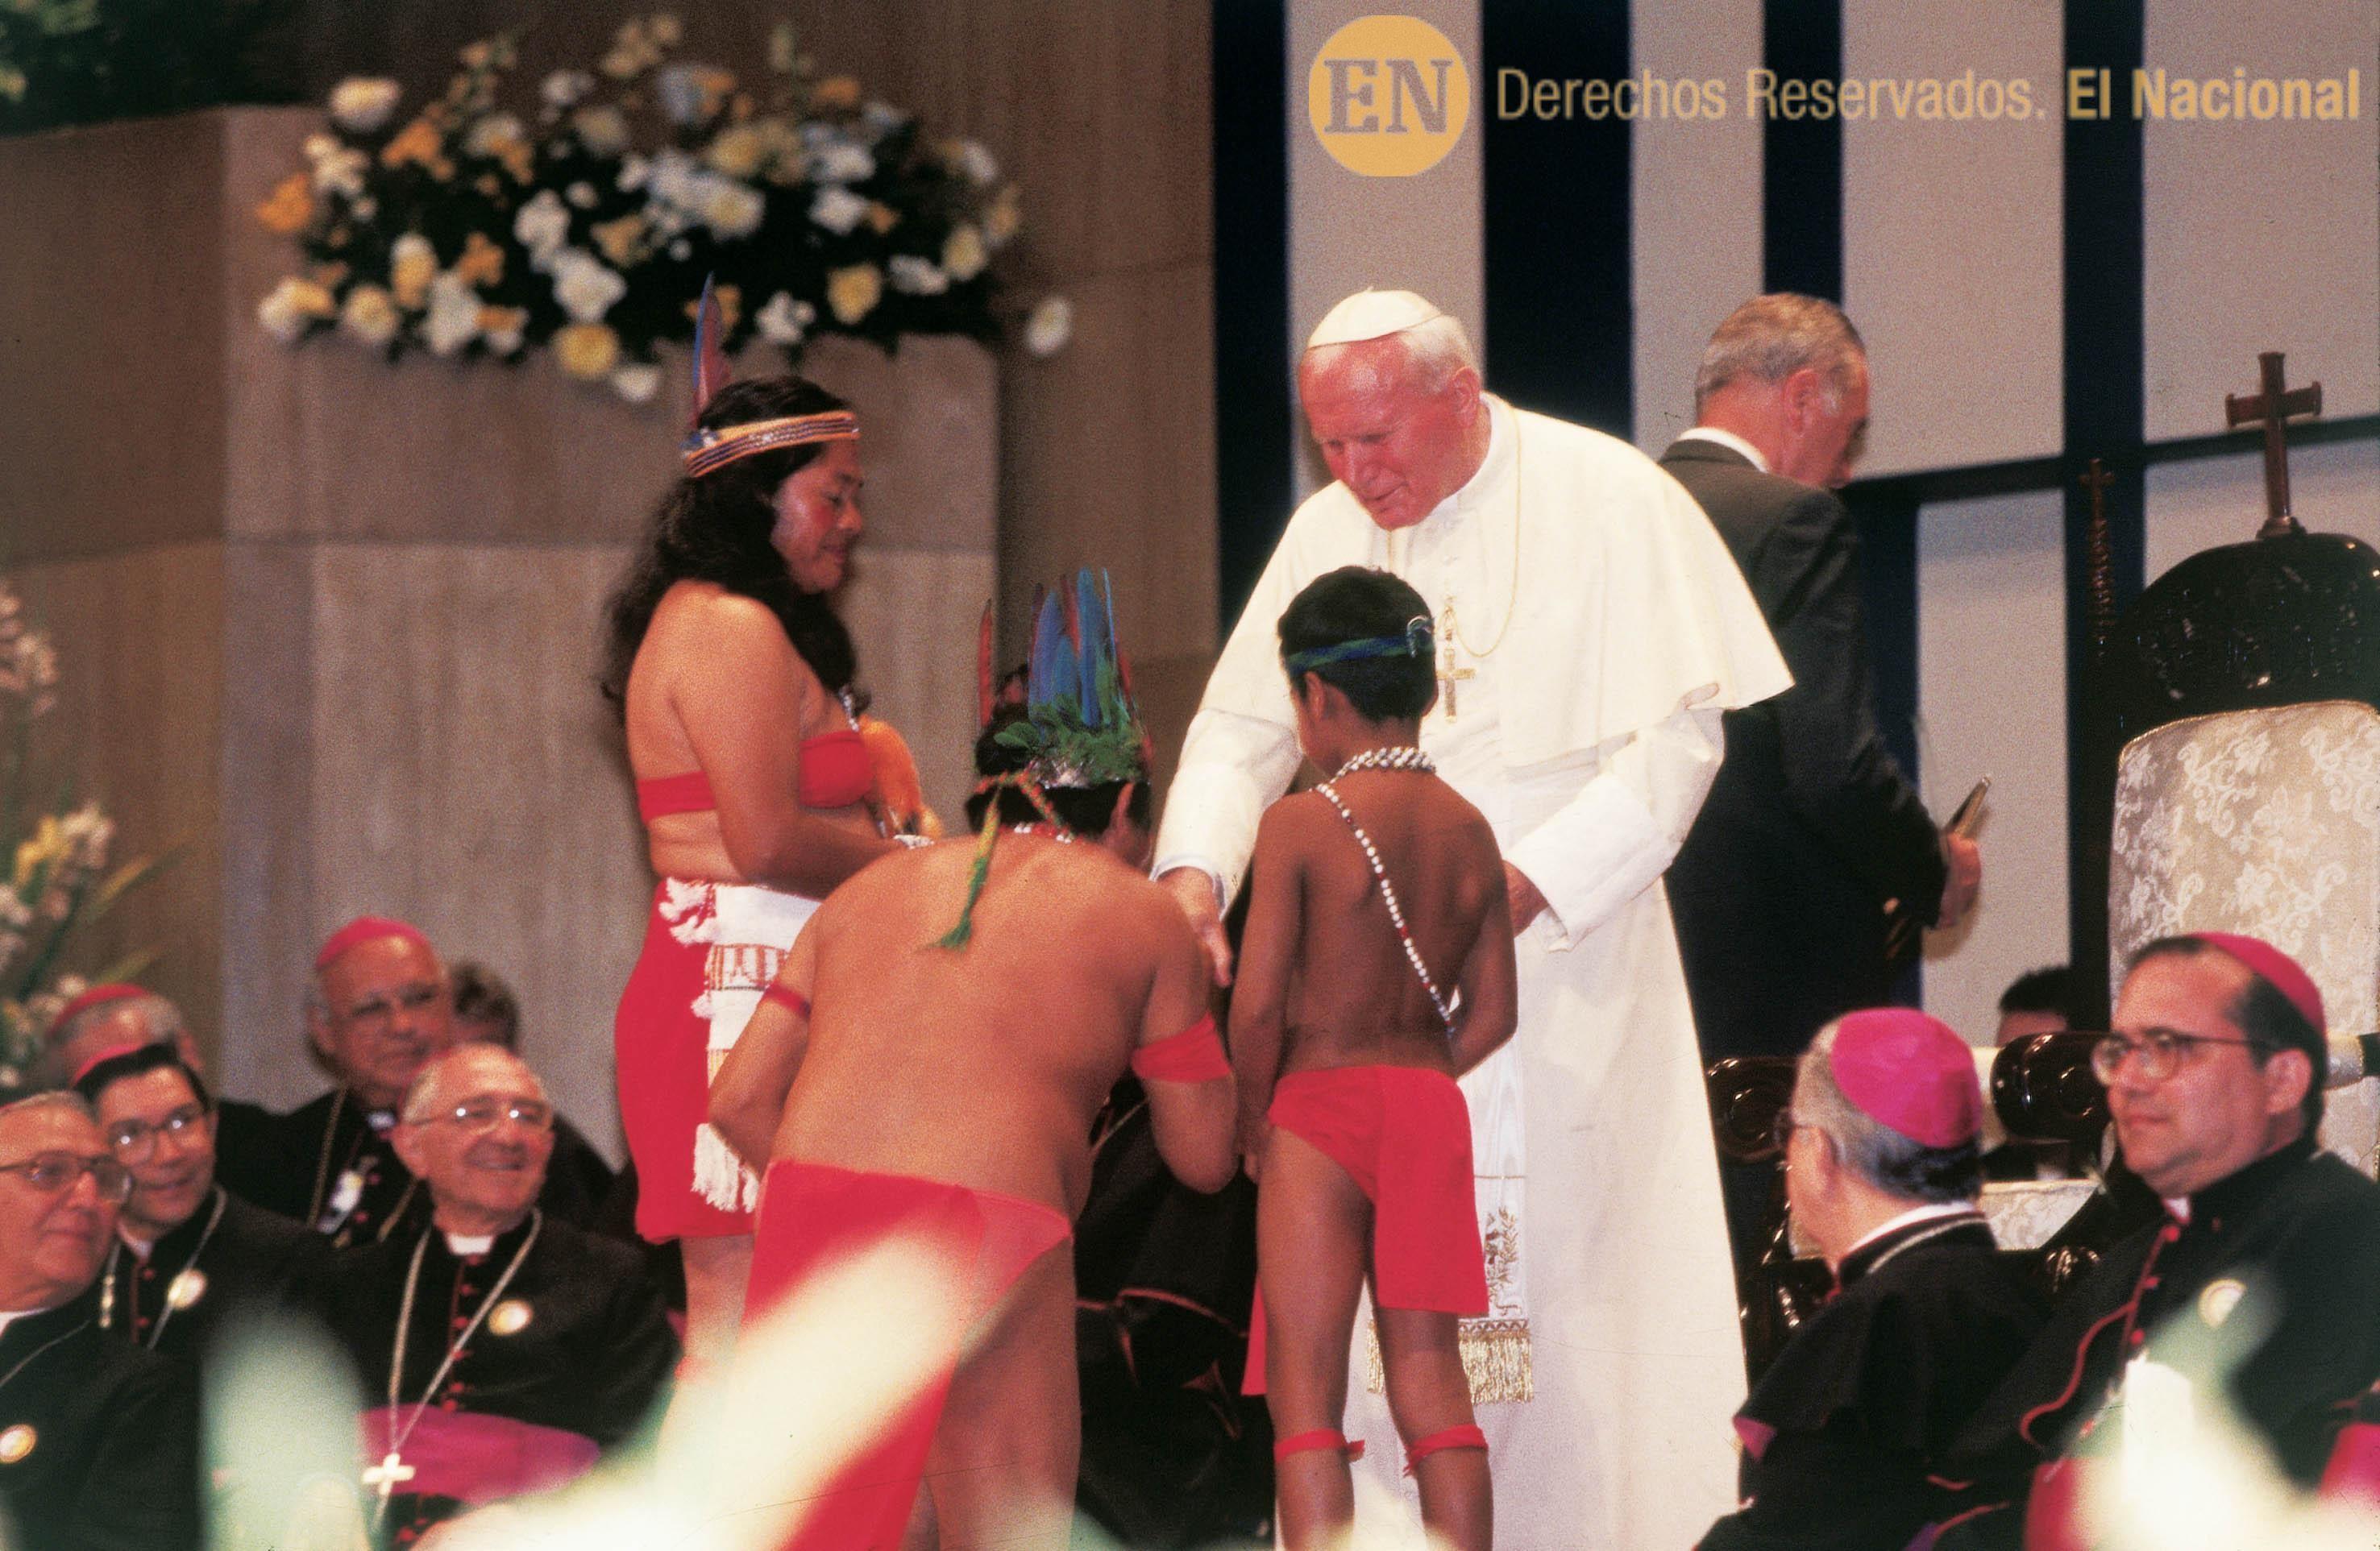 Visita Del Papa Juan Pablo Ii A Venezuela En La Gráfica El Santo Recibiendo Ofrendas De Representantes Indígenas Caracas 12 02 Wrestling Nostalgic Venezuela